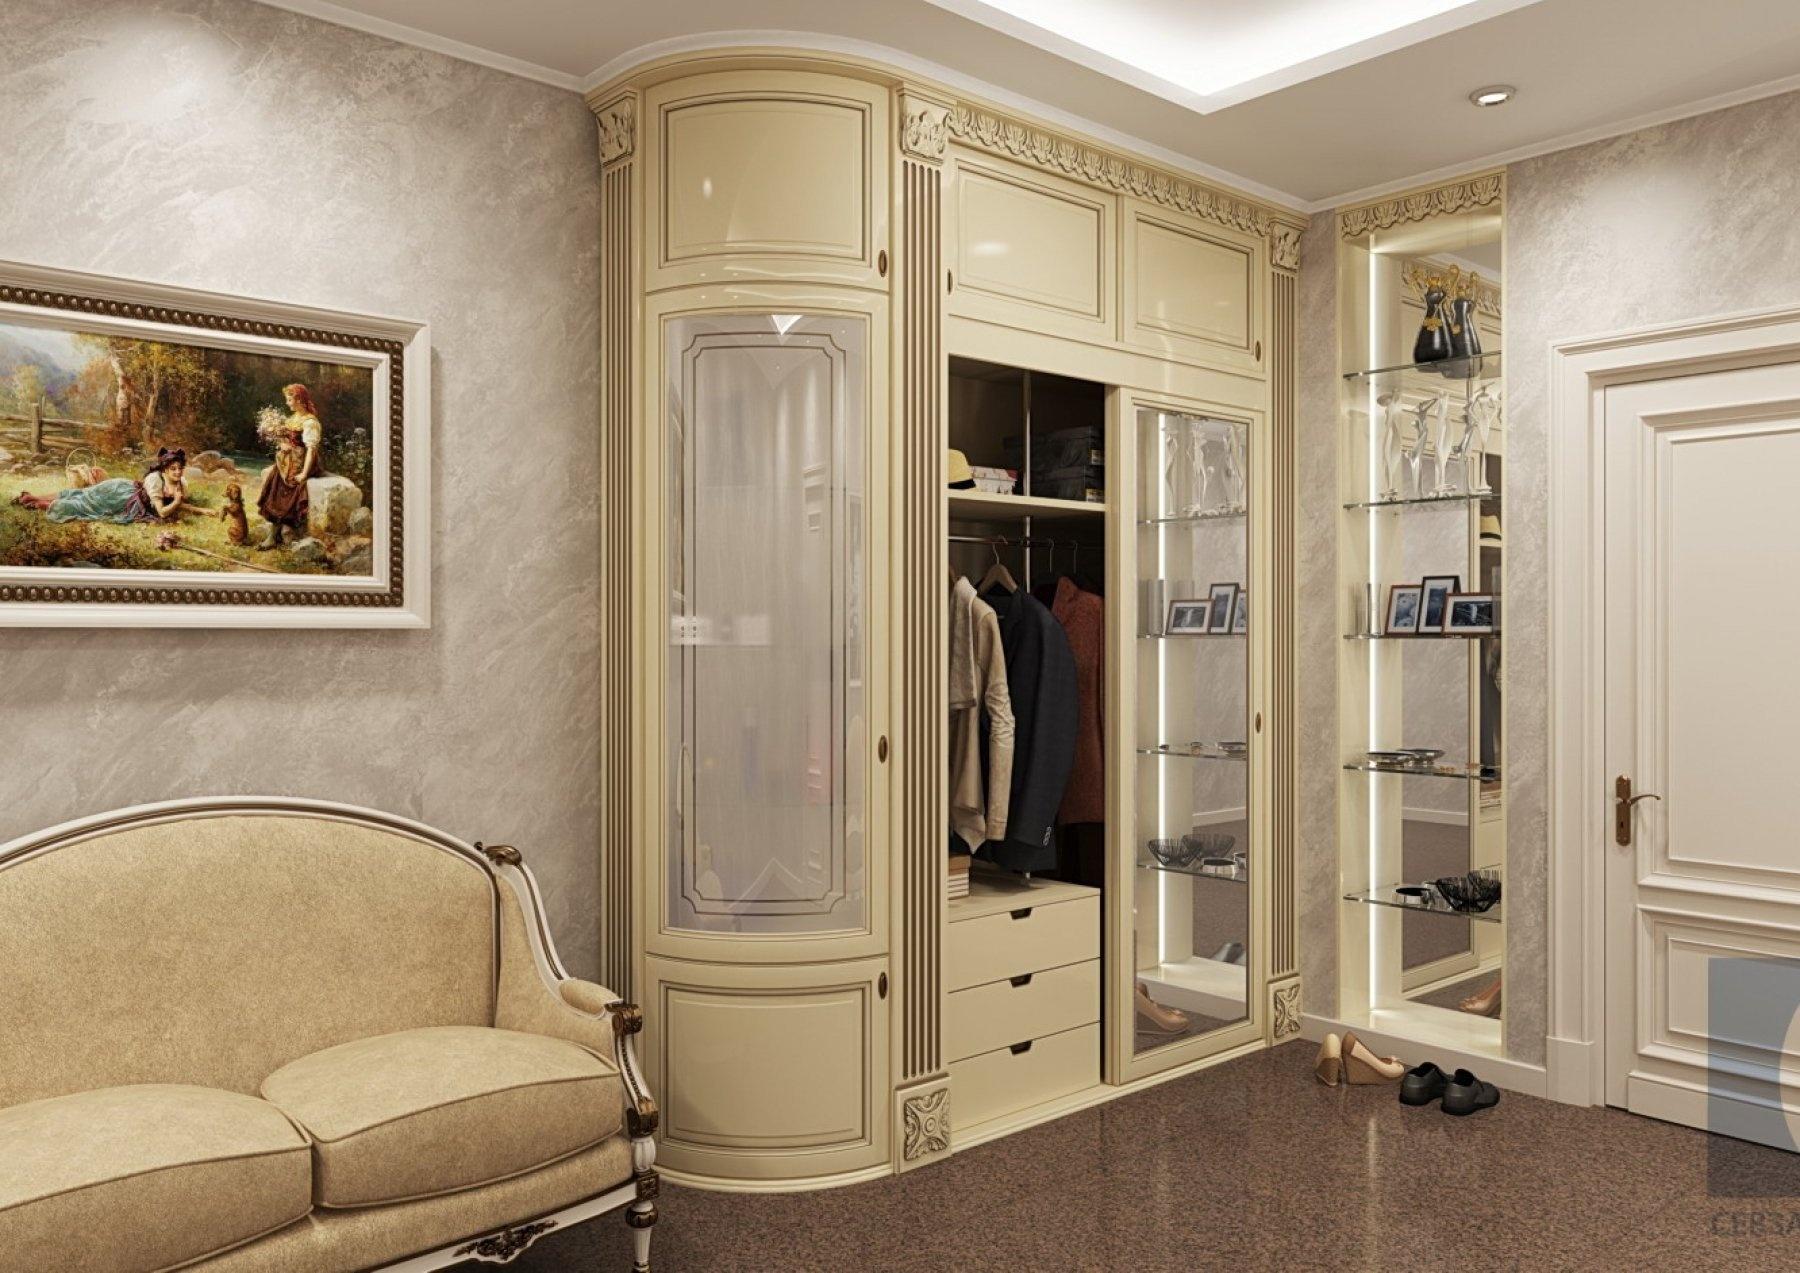 Шкафы в классическом стиле фабрика шкафов купе криспанти.